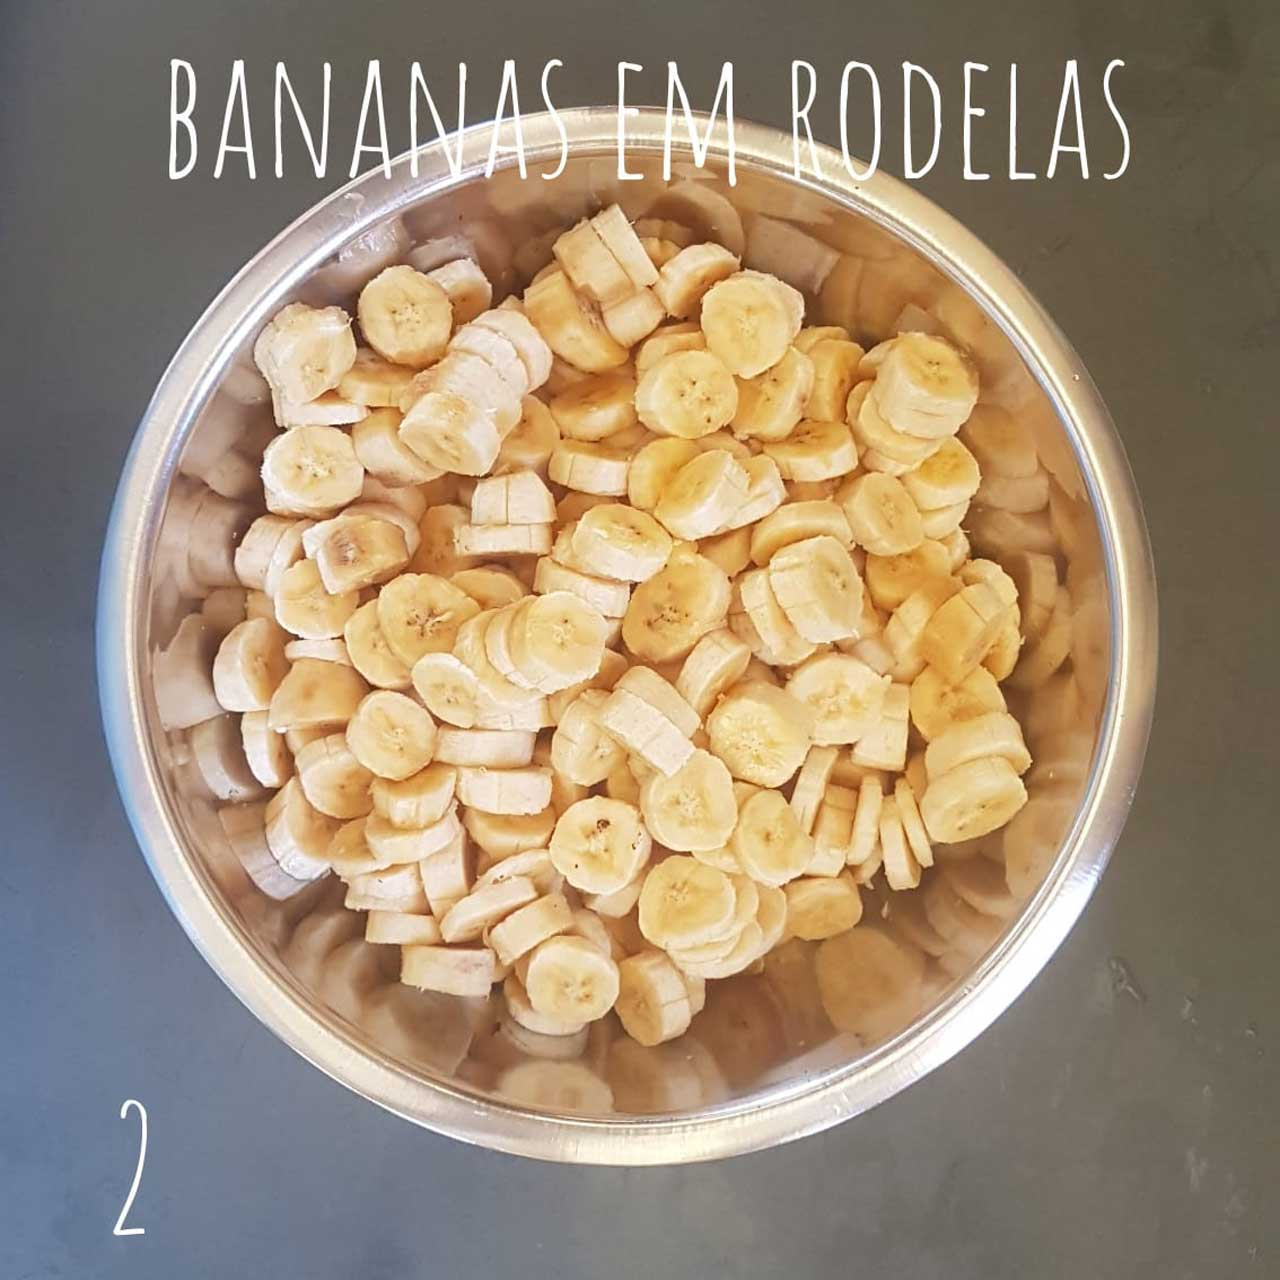 torta-de-banana-com-ameixa-02